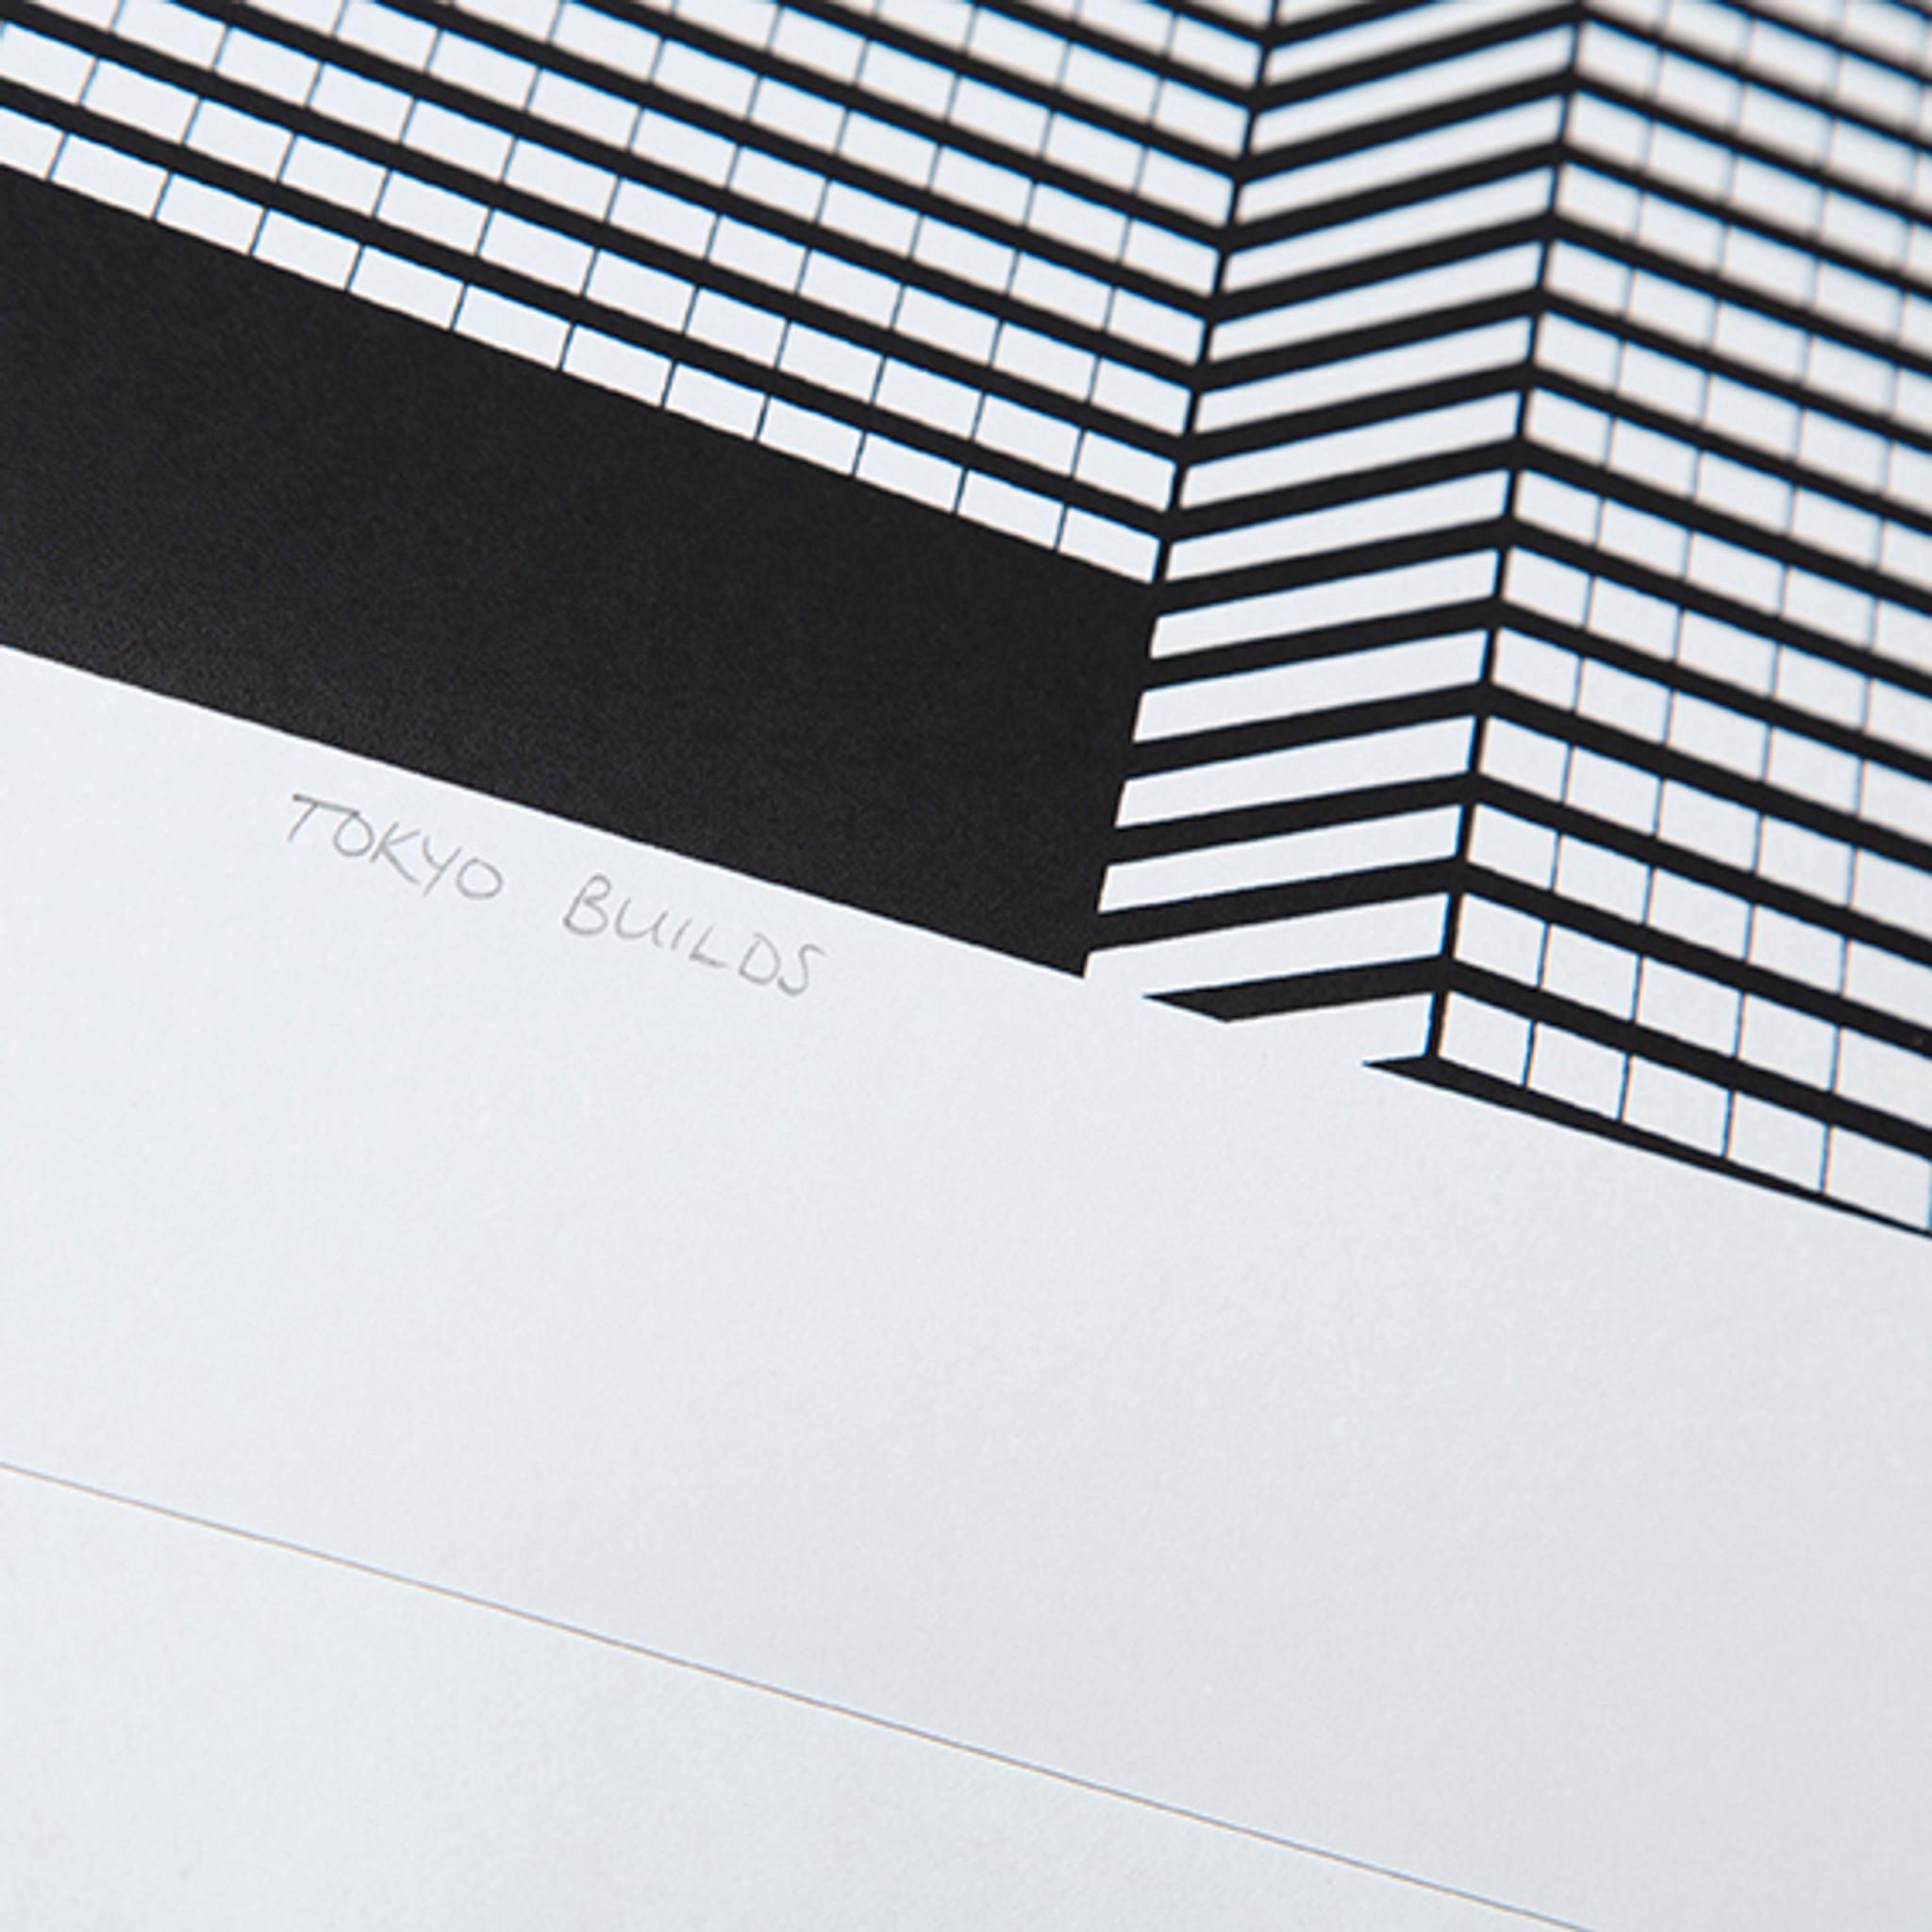 Tokyo Builds